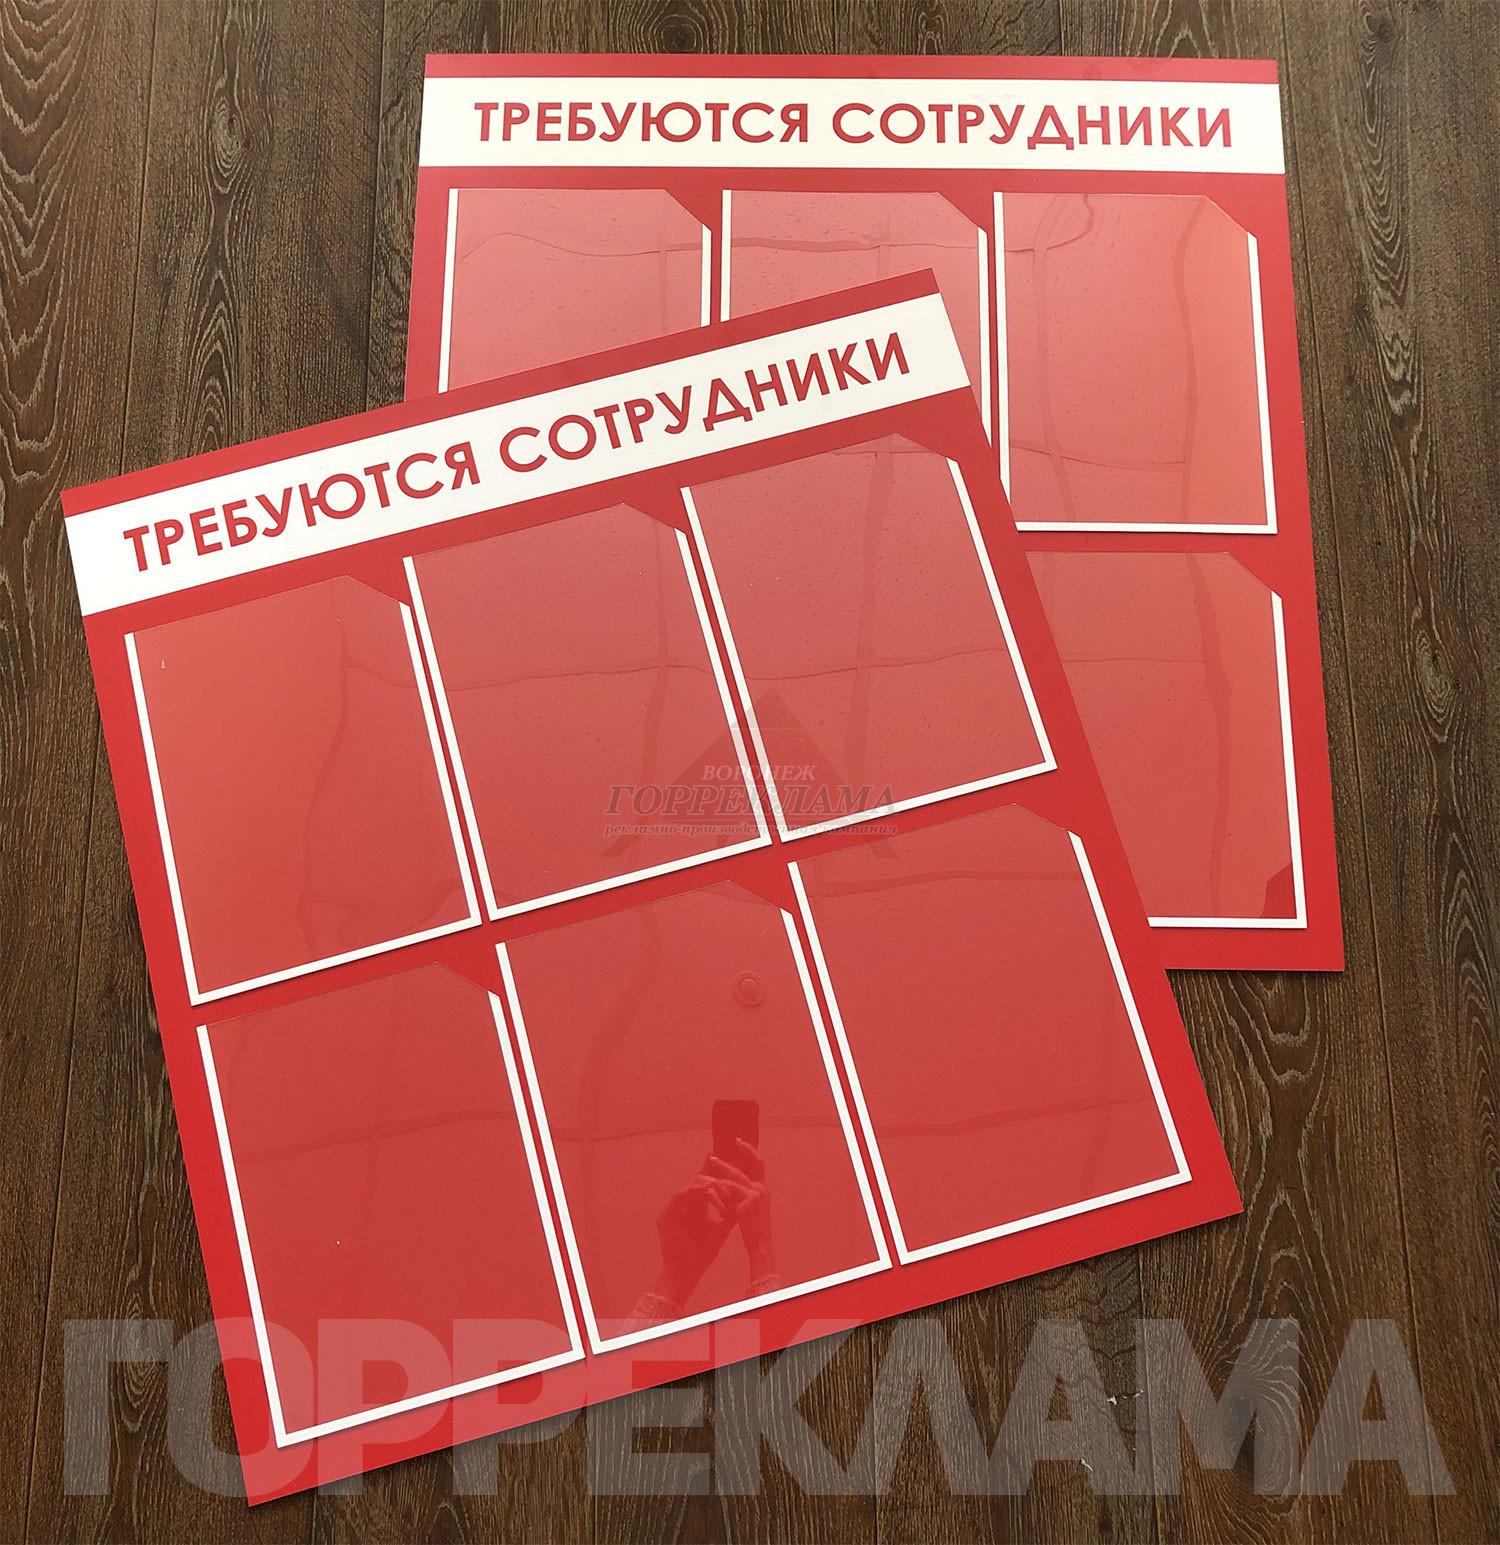 информационные-стенды-требуются-сотрудники-Воронеж